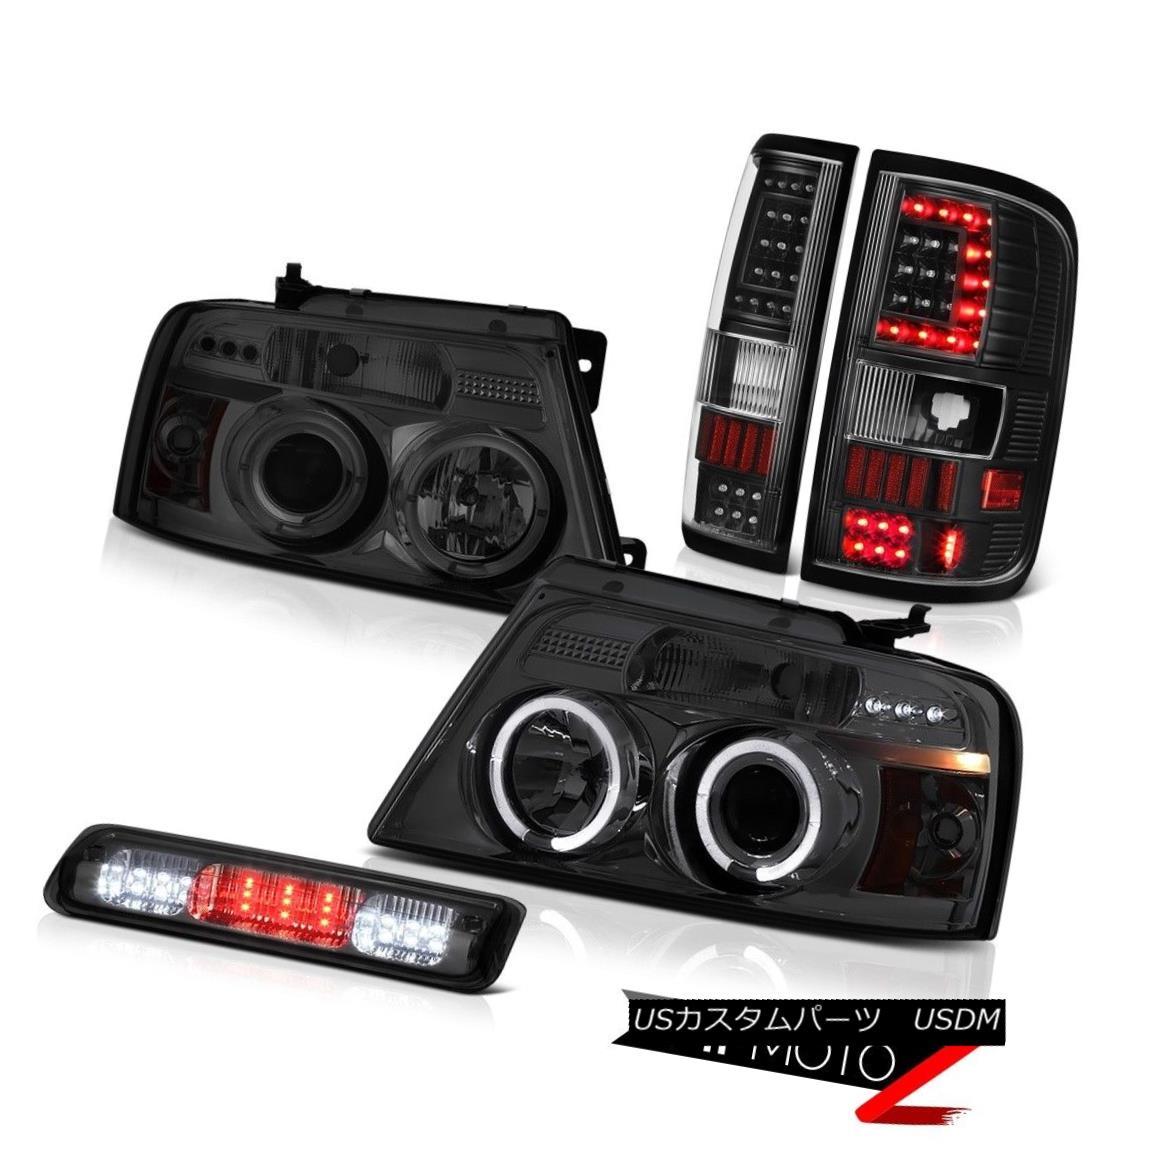 テールライト 04-07 08 Ford F150 Tail Lights Smoked Led 3Rd Brake Projector Head Set L+R LH+RH 04-07 08フォードF150テールライトスモーク3RdブレーキプロジェクターヘッドセットL + R LH + RH